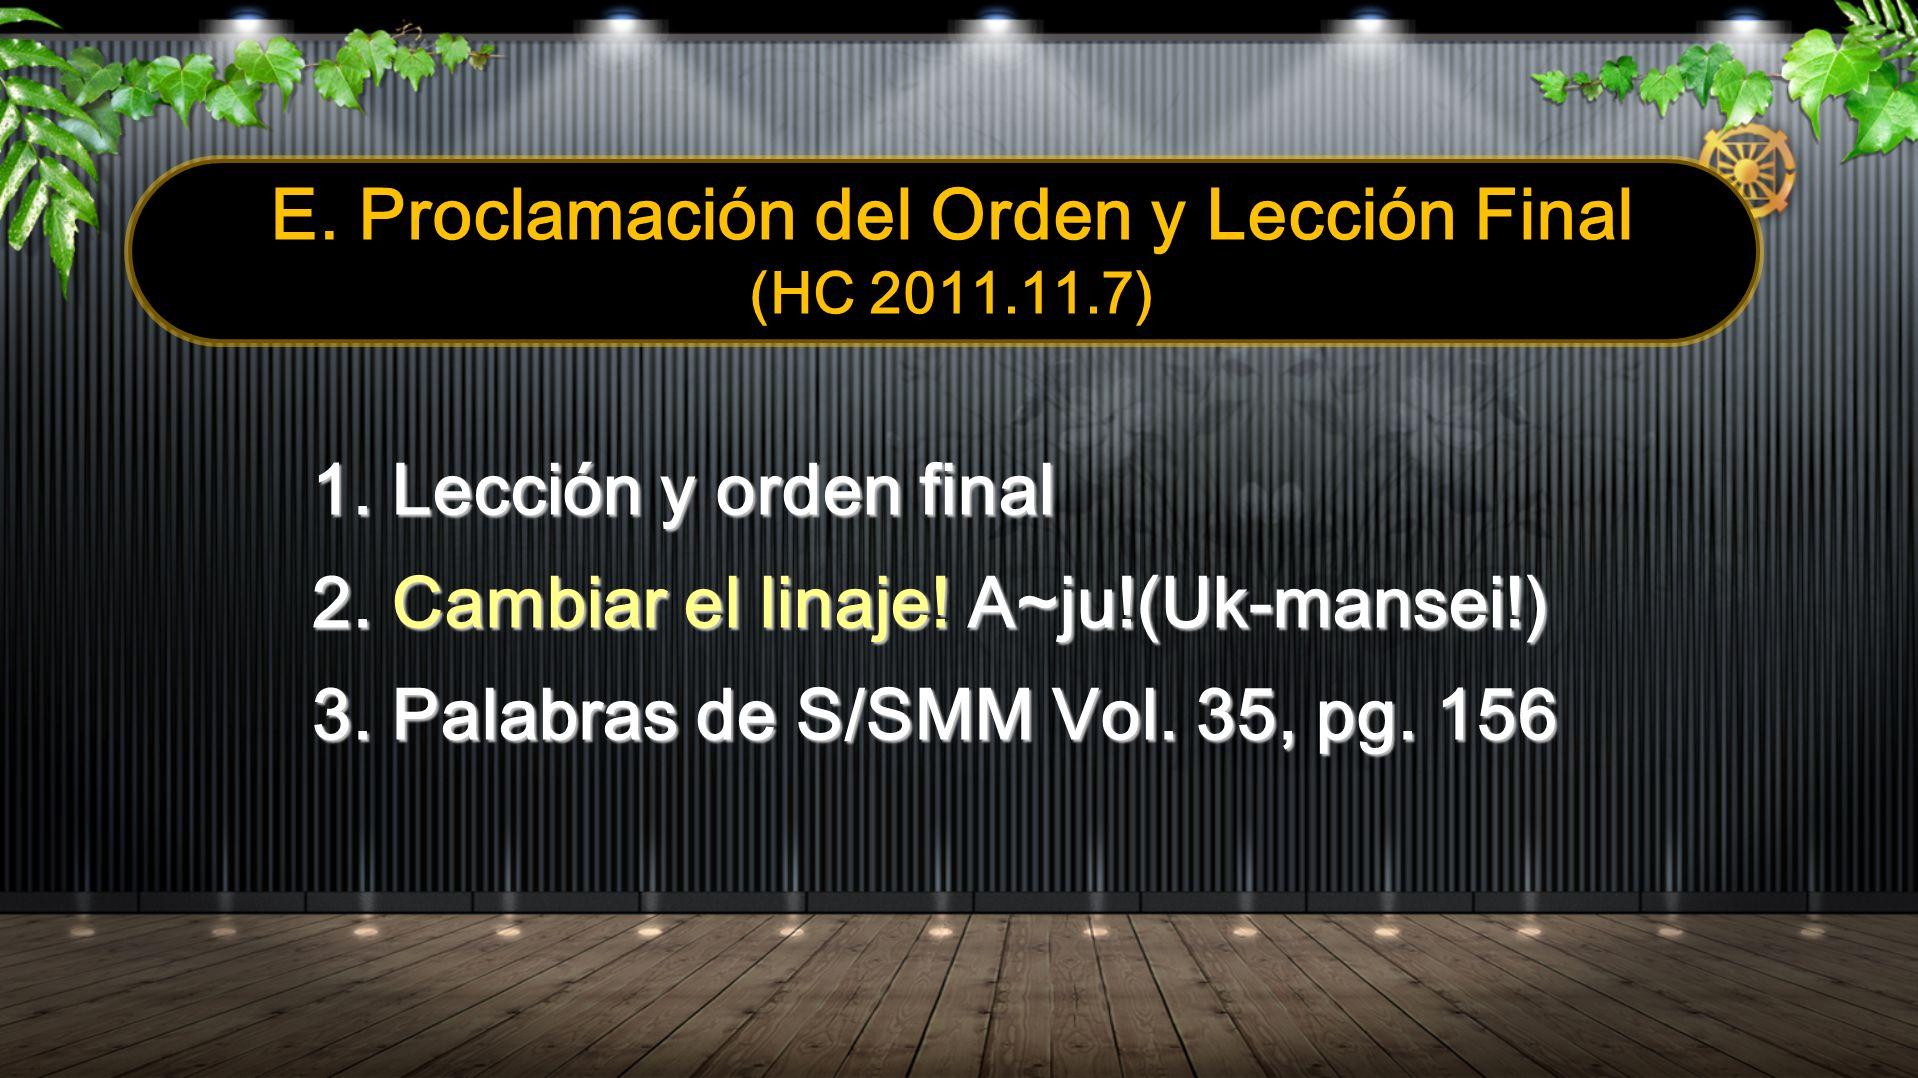 E. Proclamación del Orden y Lección Final (HC 2011.11.7) 1. Lección y orden final 2. Cambiar el linaje! A~ju!(Uk-mansei!) 3. Palabras de S/SMM Vol. 35